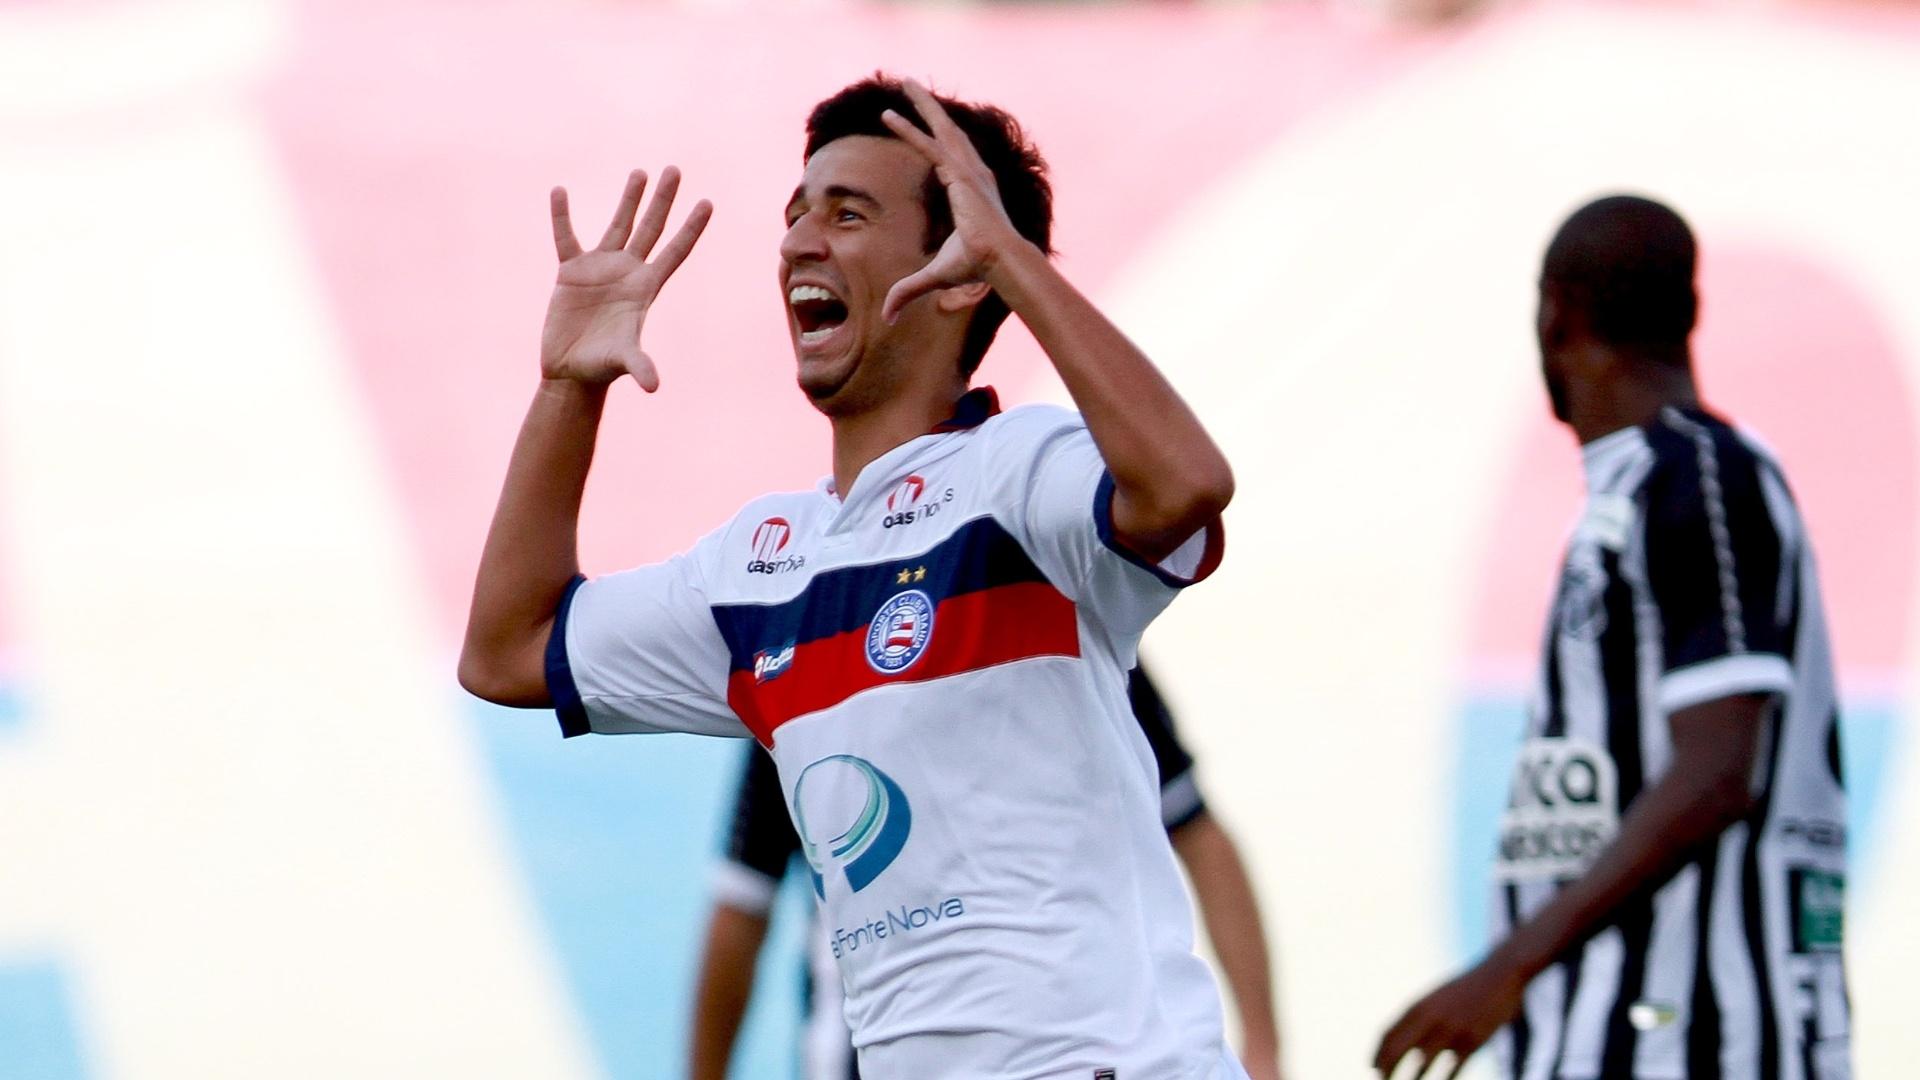 Camacho comemora gol do Bahia na partida contra o Ceará. Derrota determina rebaixamento dos visitantes para a Série B em 2012